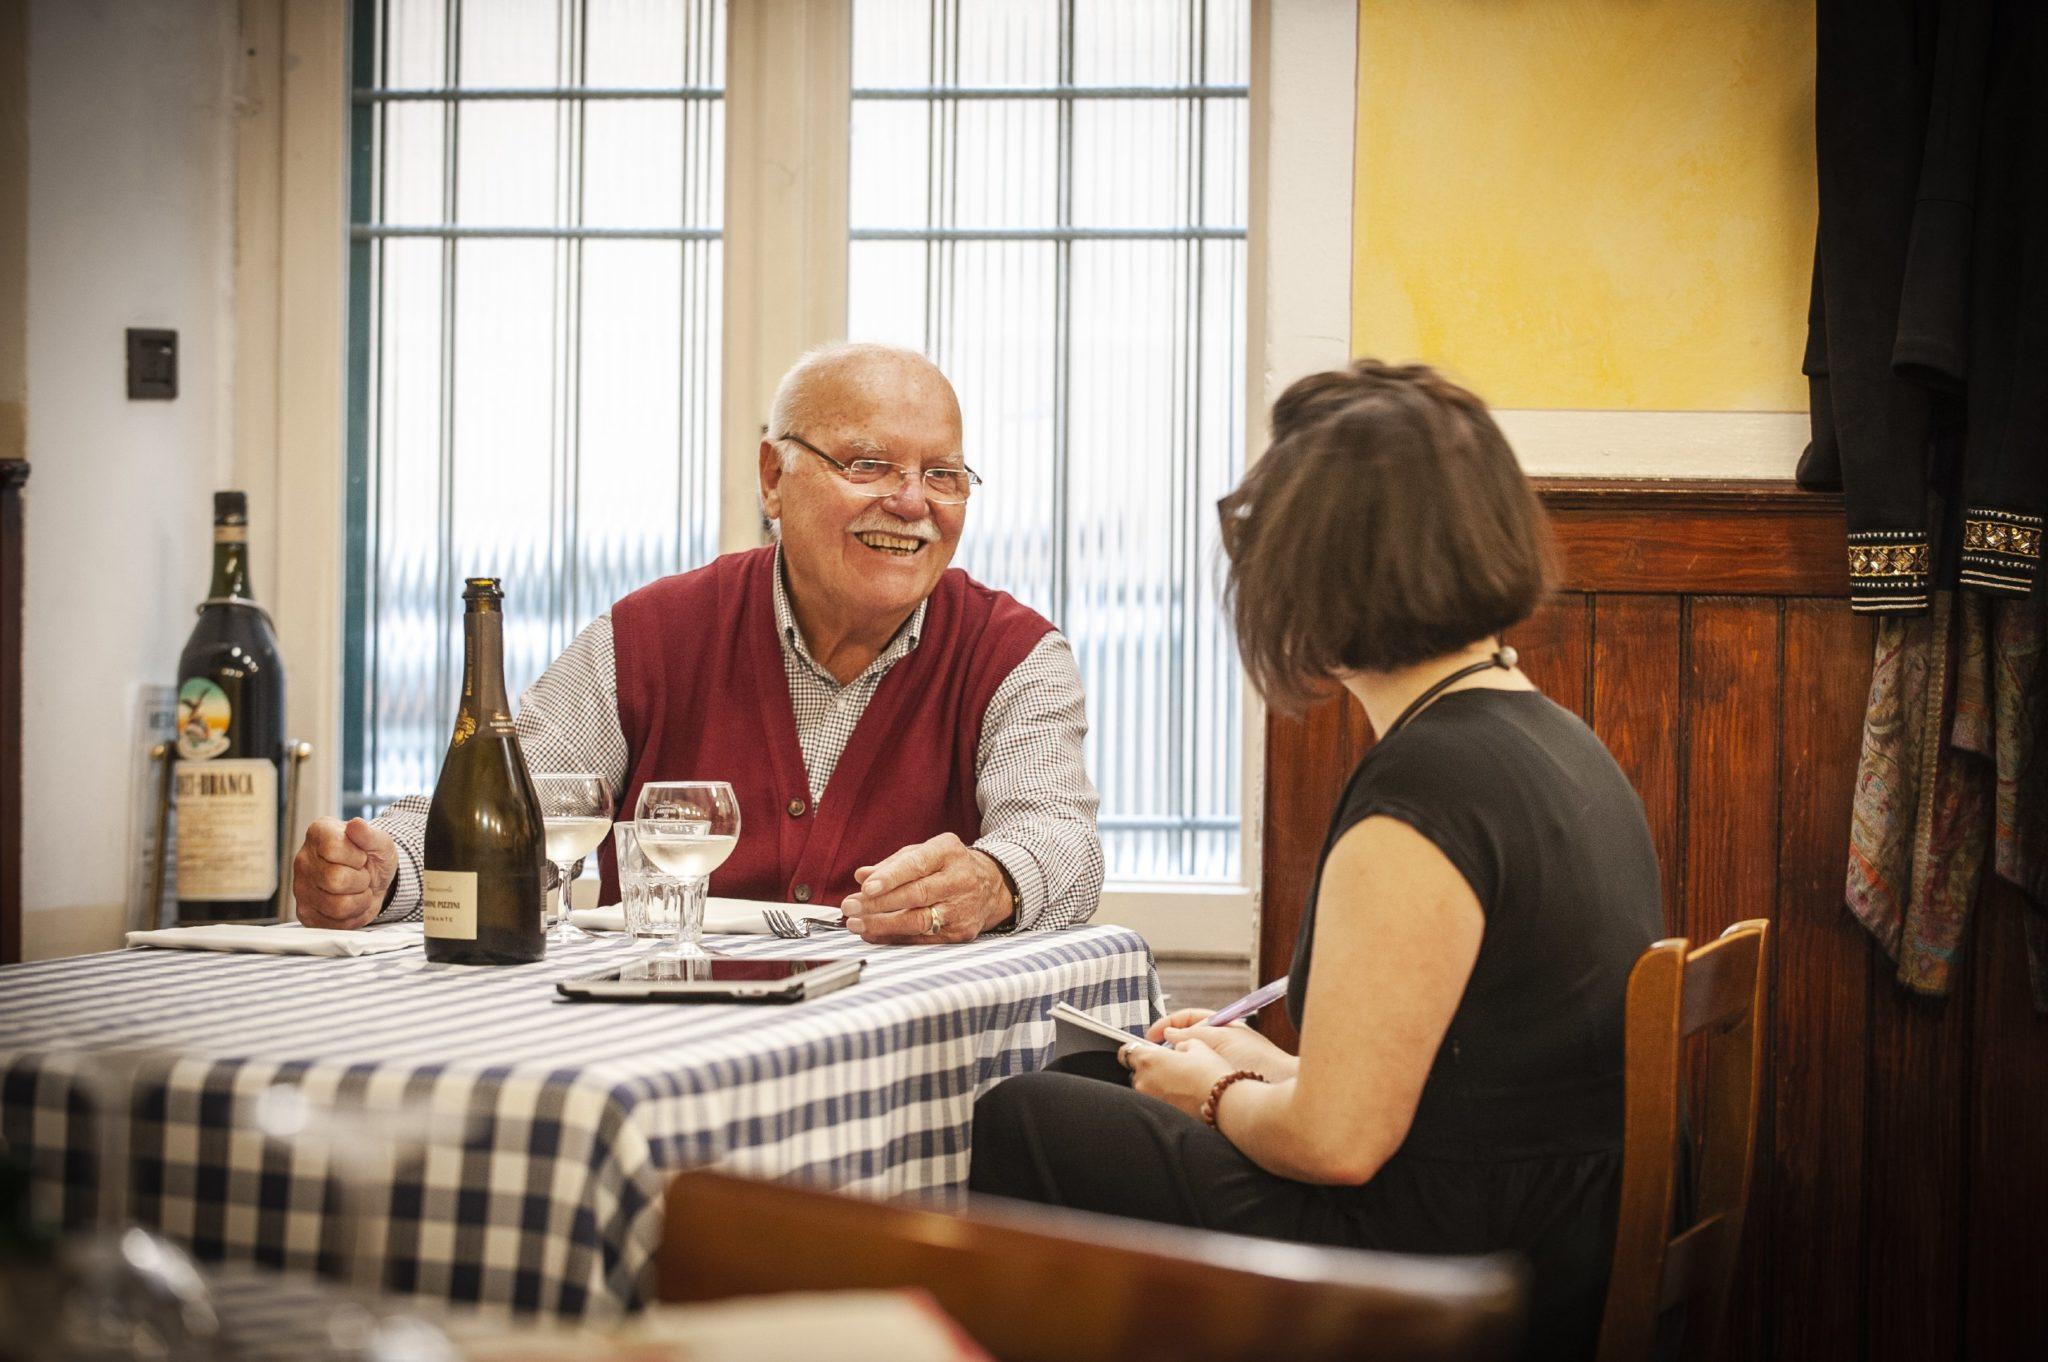 I piatti della tradizione bresciana in un luogo dal sapore antico: è l'Osteria Al Bianchi, fra mazzi di carte, un bicchiere di bianco e incontri inaspettati